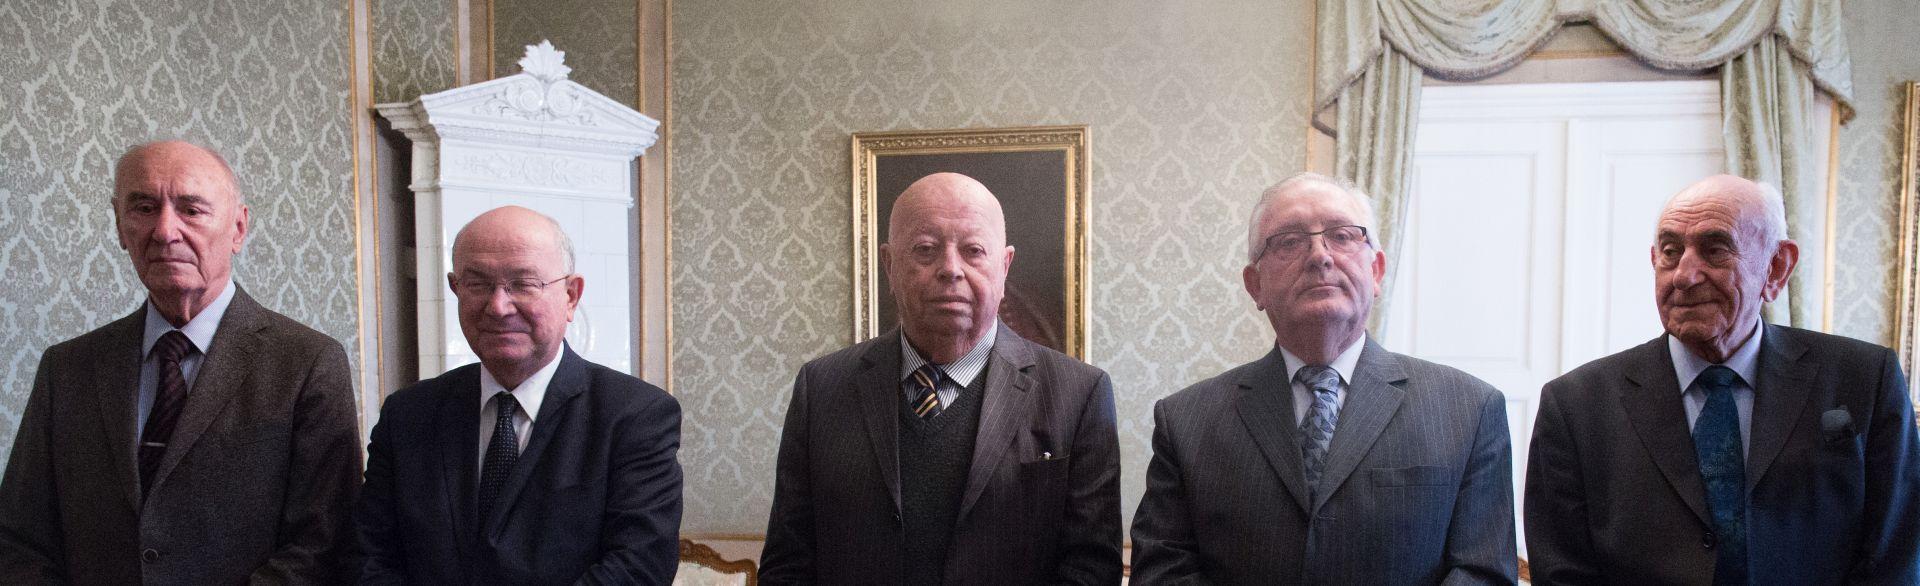 Plenković primio članove Vlade nacionalnog jedinstva